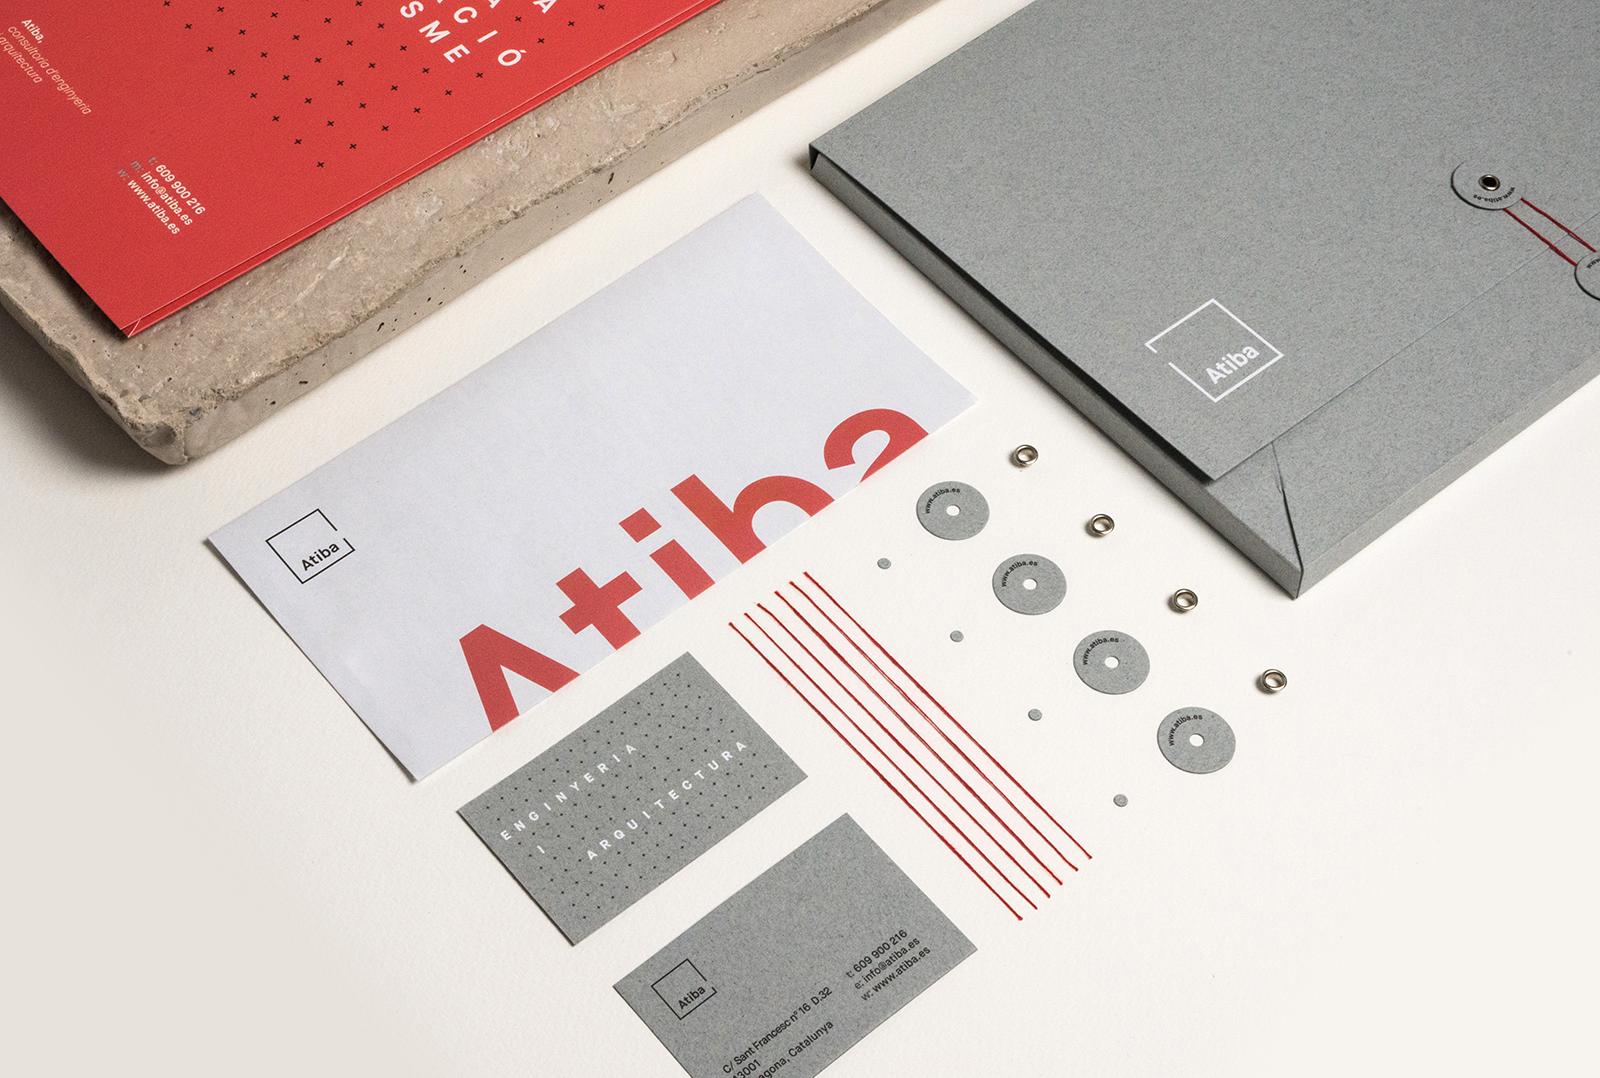 Diseño de marca y naming para empresa de arquitectura.